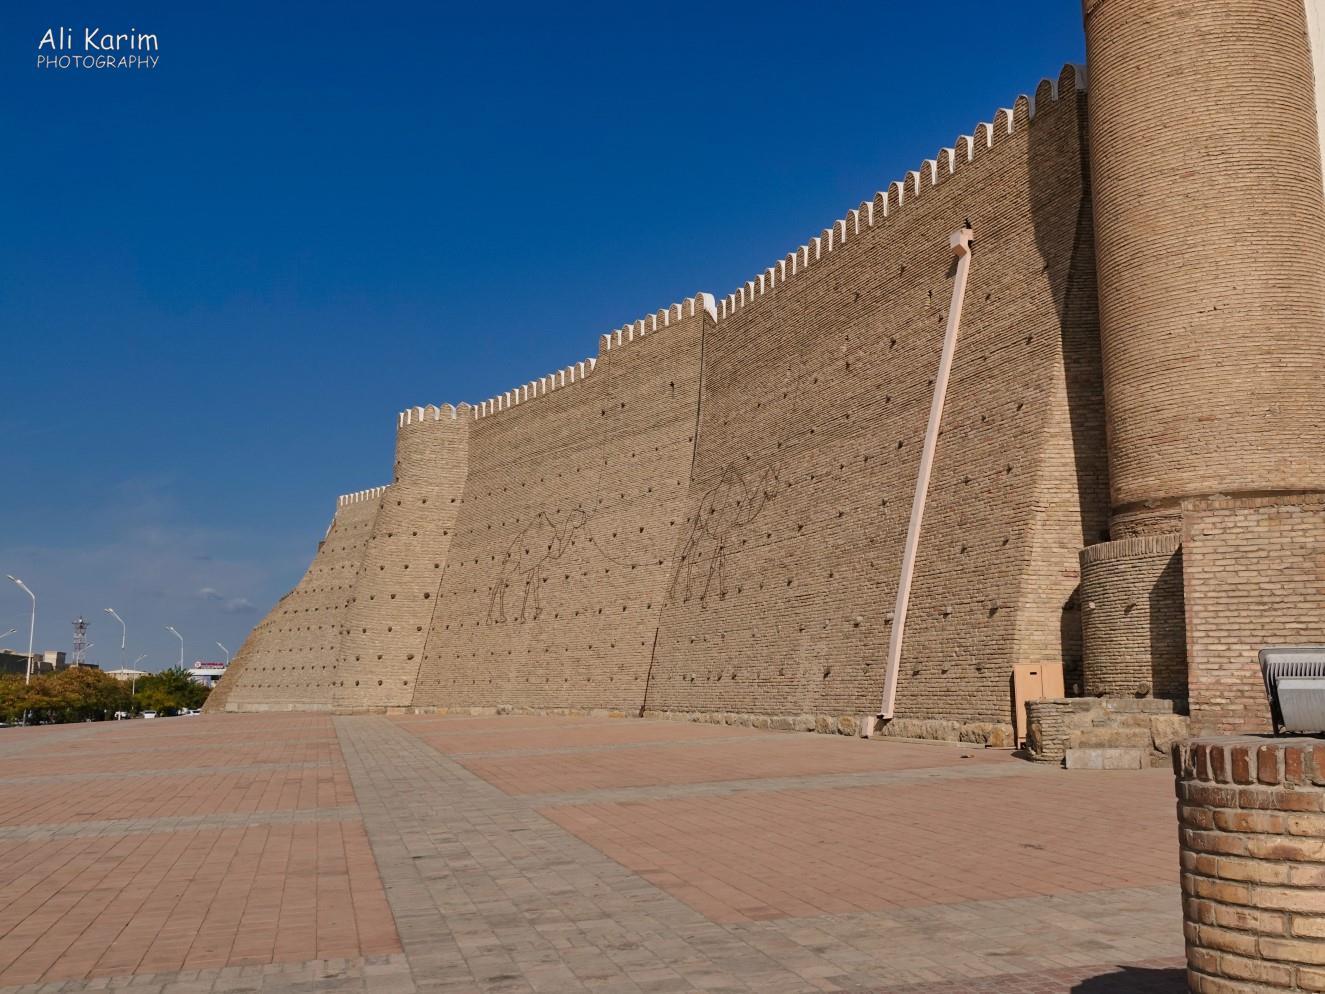 Bukhara, Oct 2019, Walls of the Arc Citadel